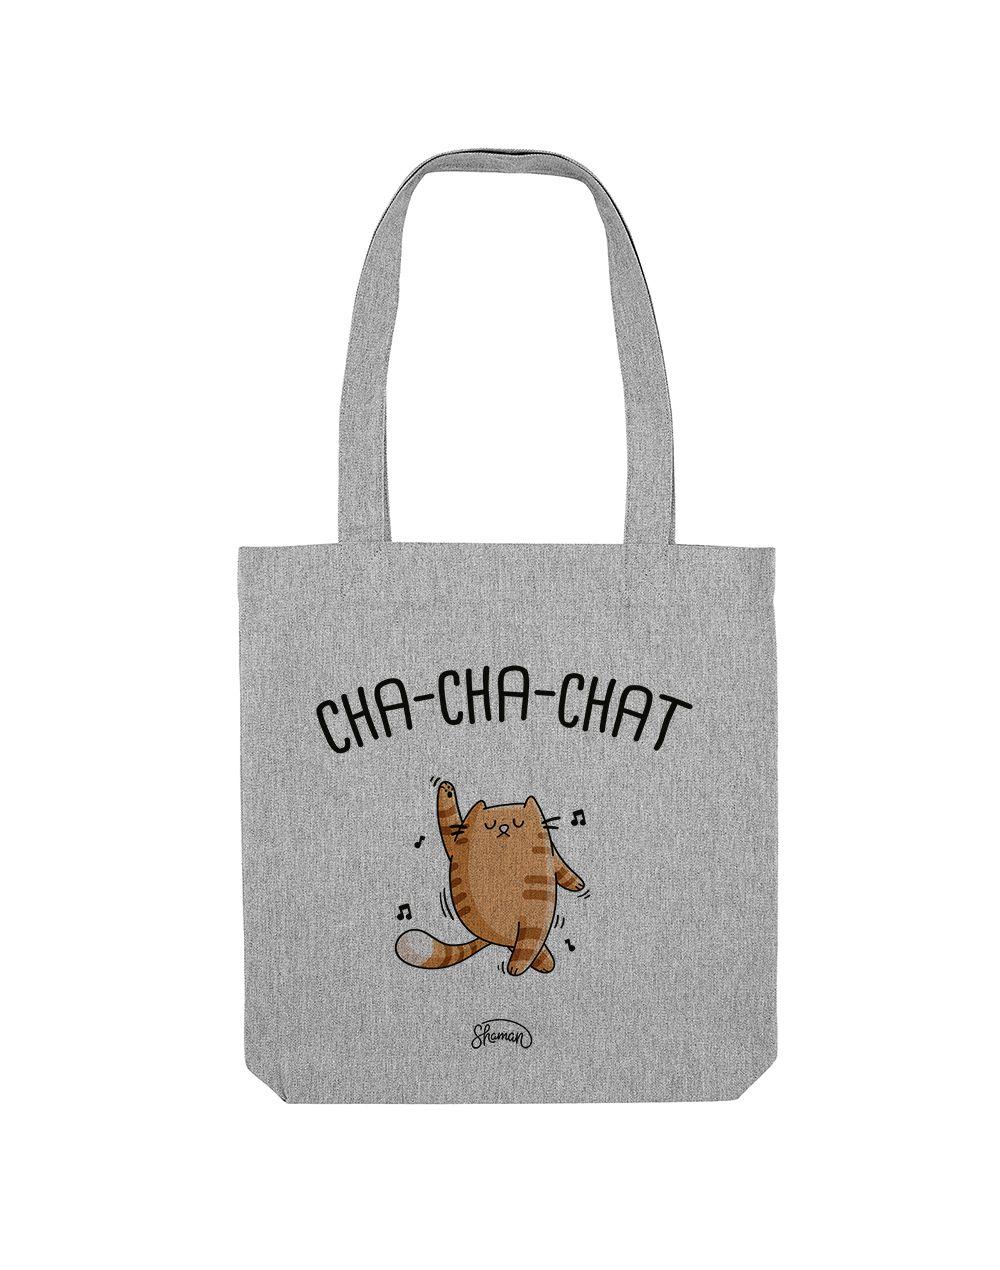 CHACHACHAT - Tote Bag  Gris chiné  en coton